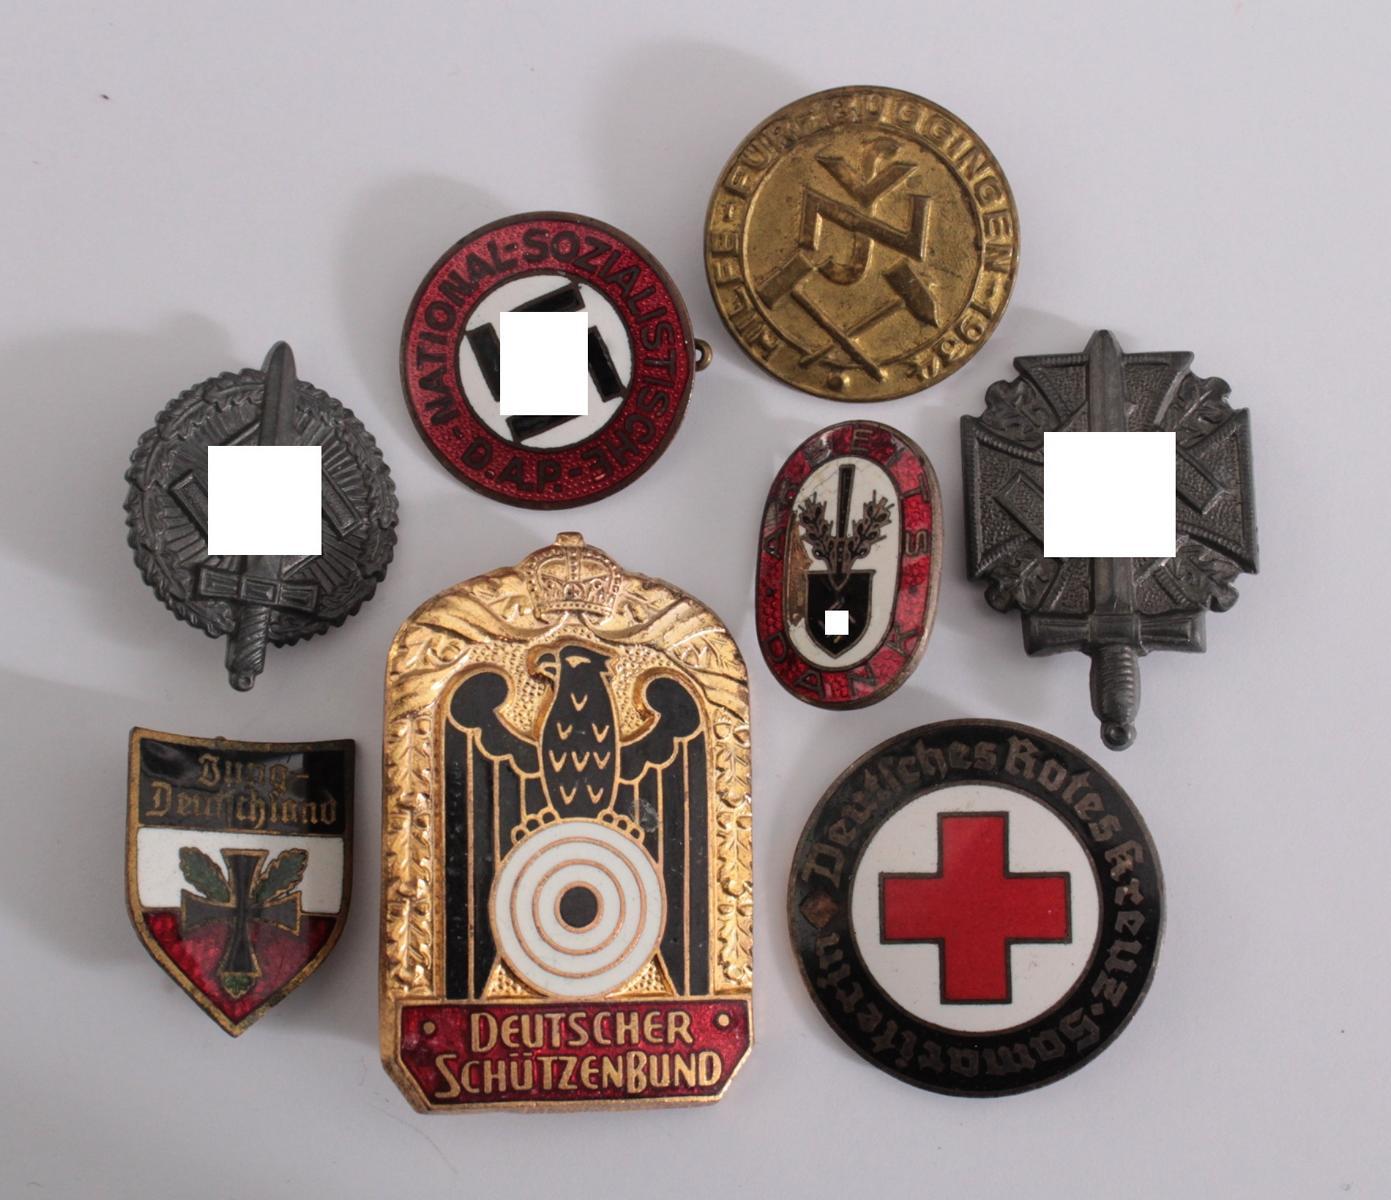 Sammlung WHW Spendenbelege, Partei- und Vereinsabzeichen